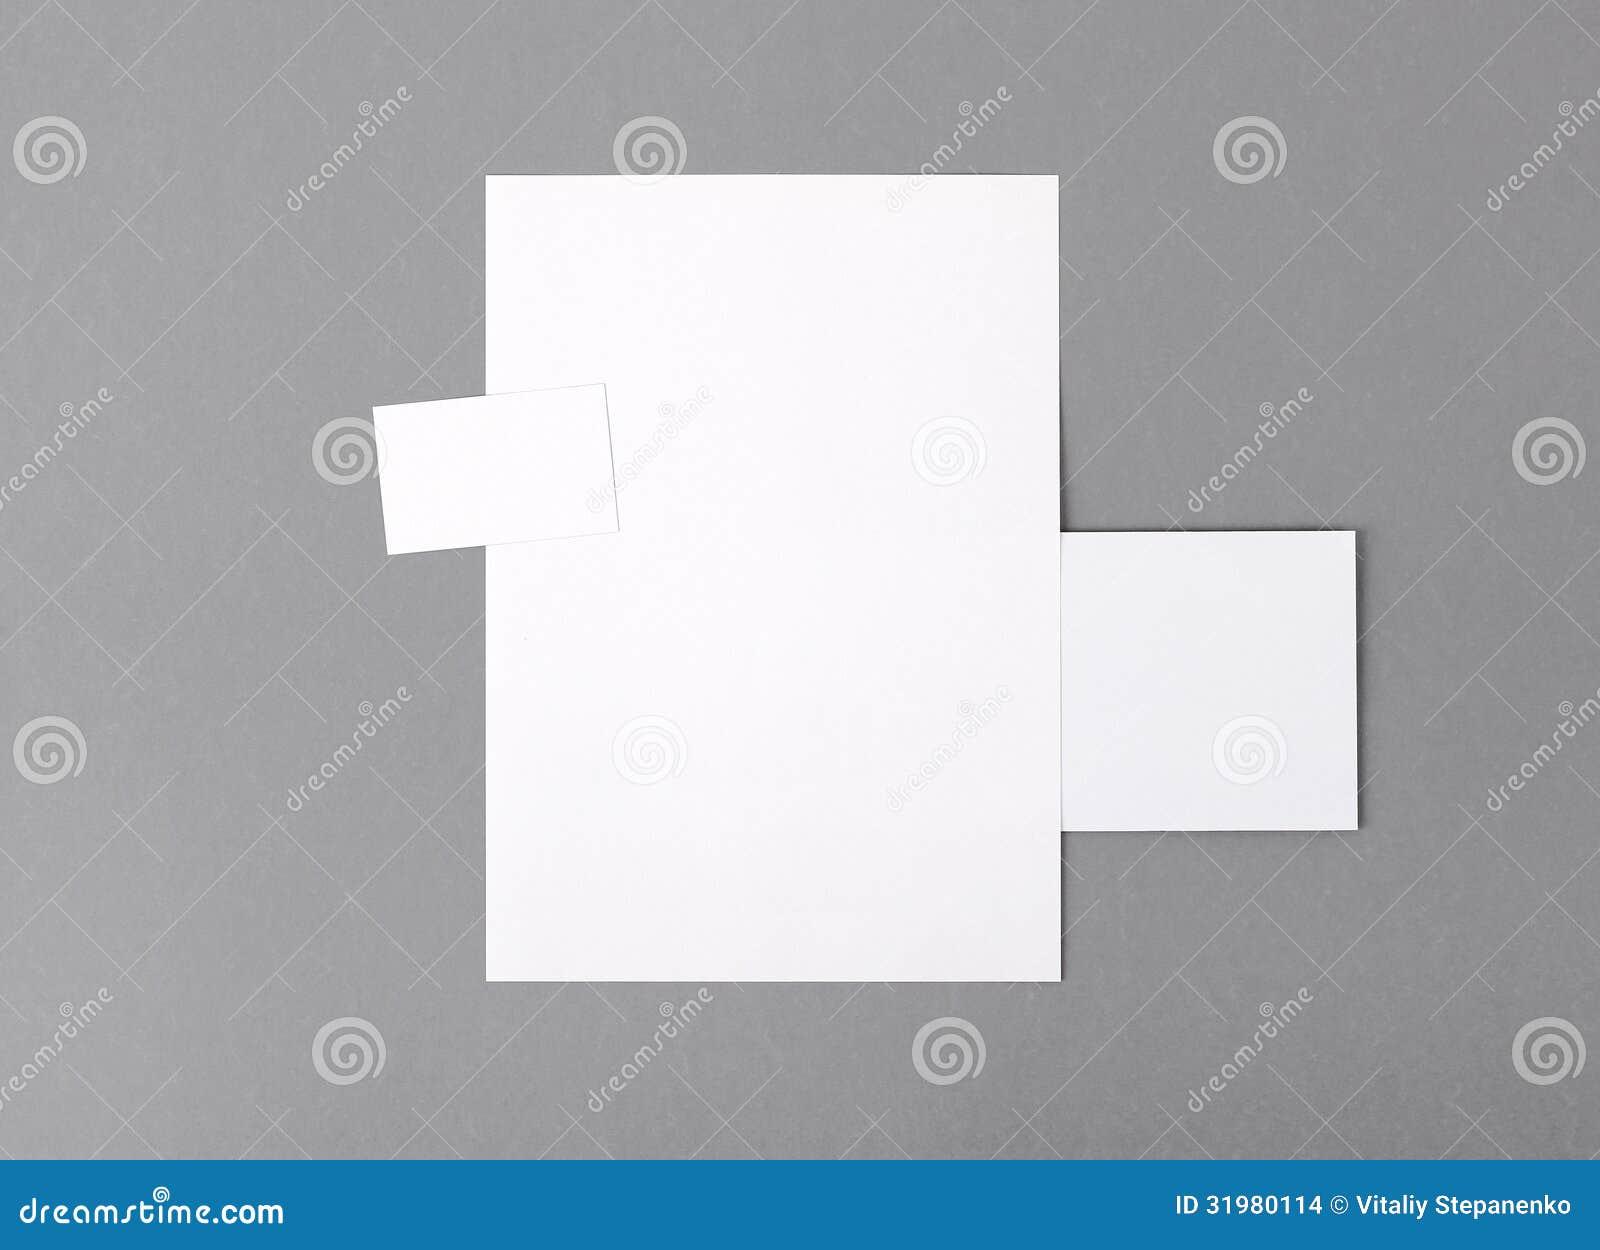 Blank basic stationery letterhead flat business card envelope letterhead flat business card envelope stock photo image reheart Choice Image